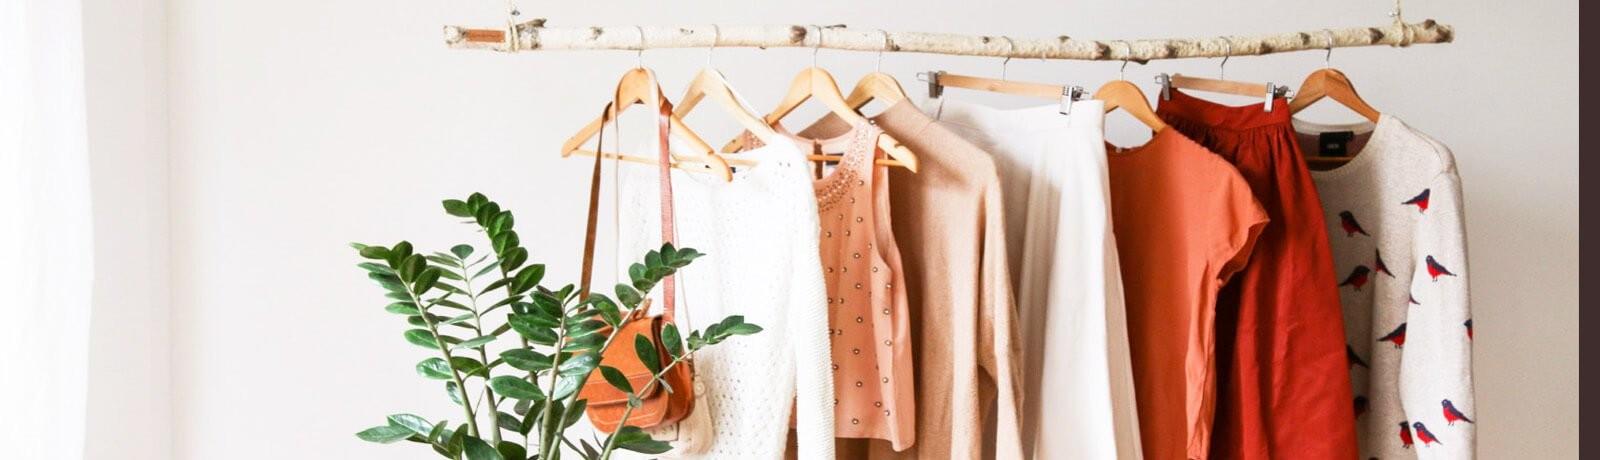 Nua Store - Como comprar